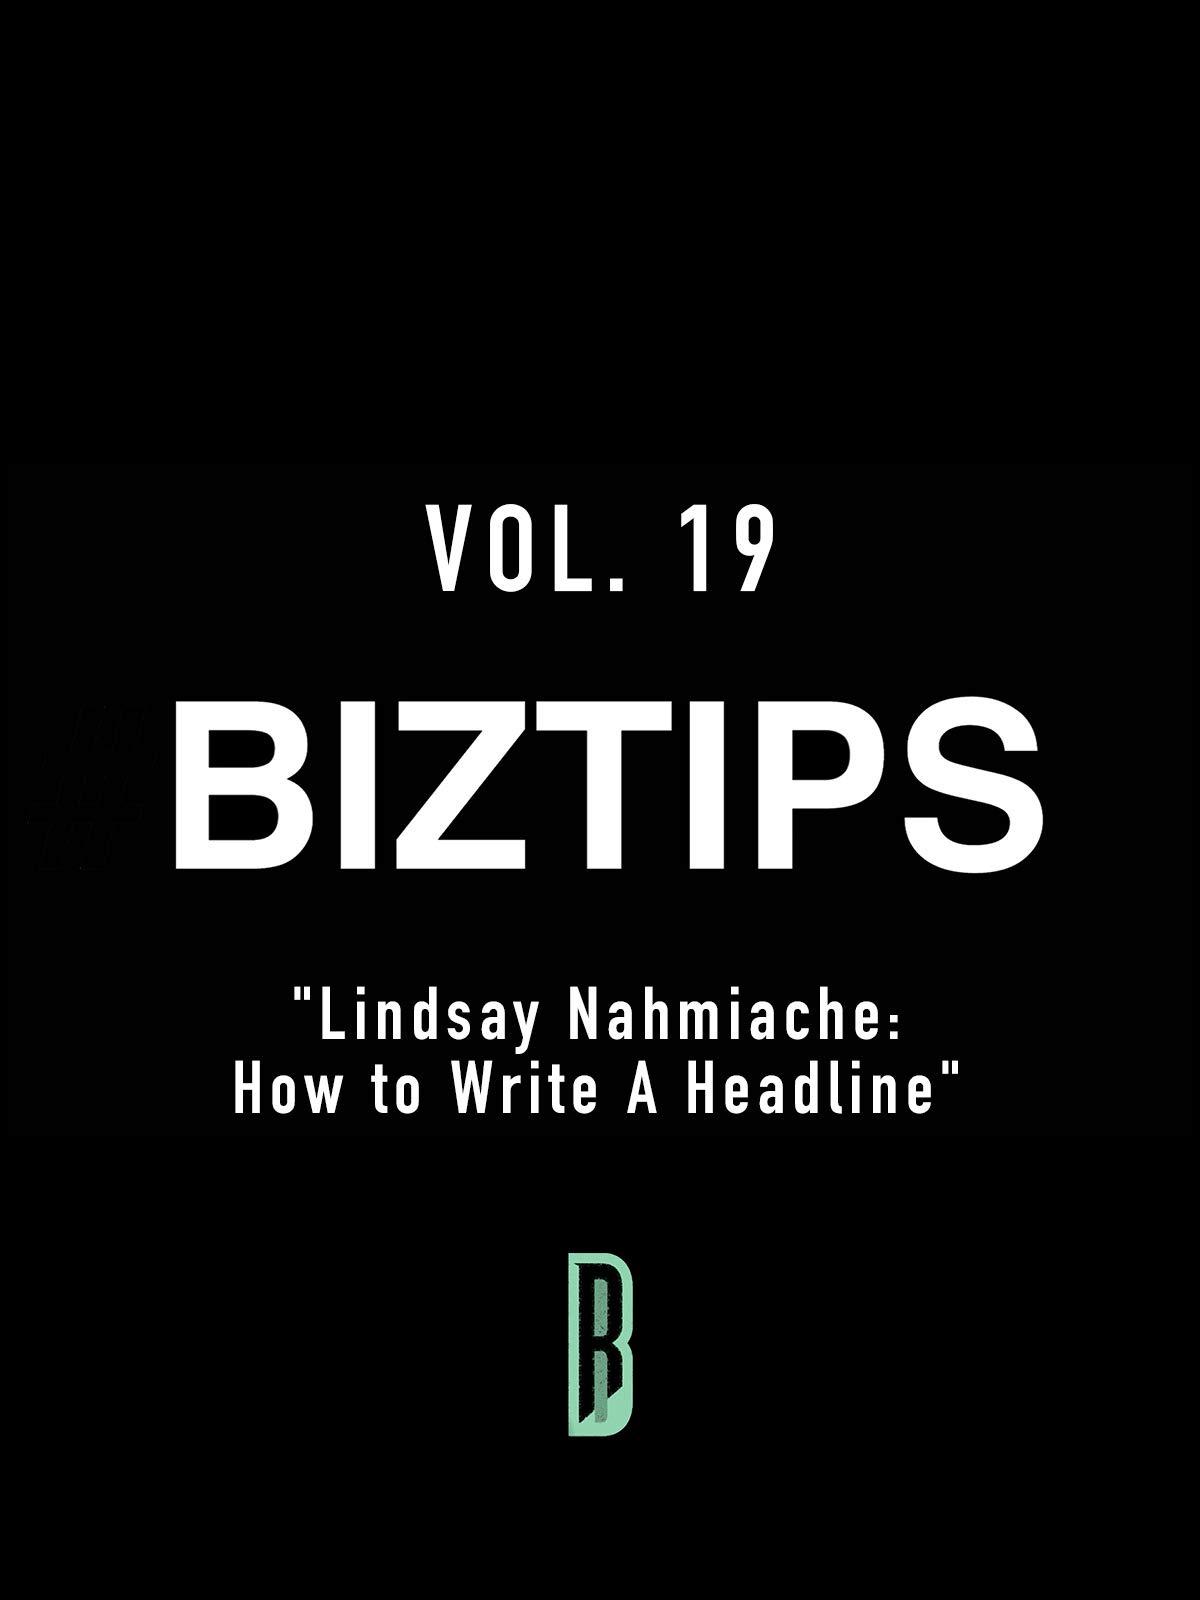 BizTips Vol. 19